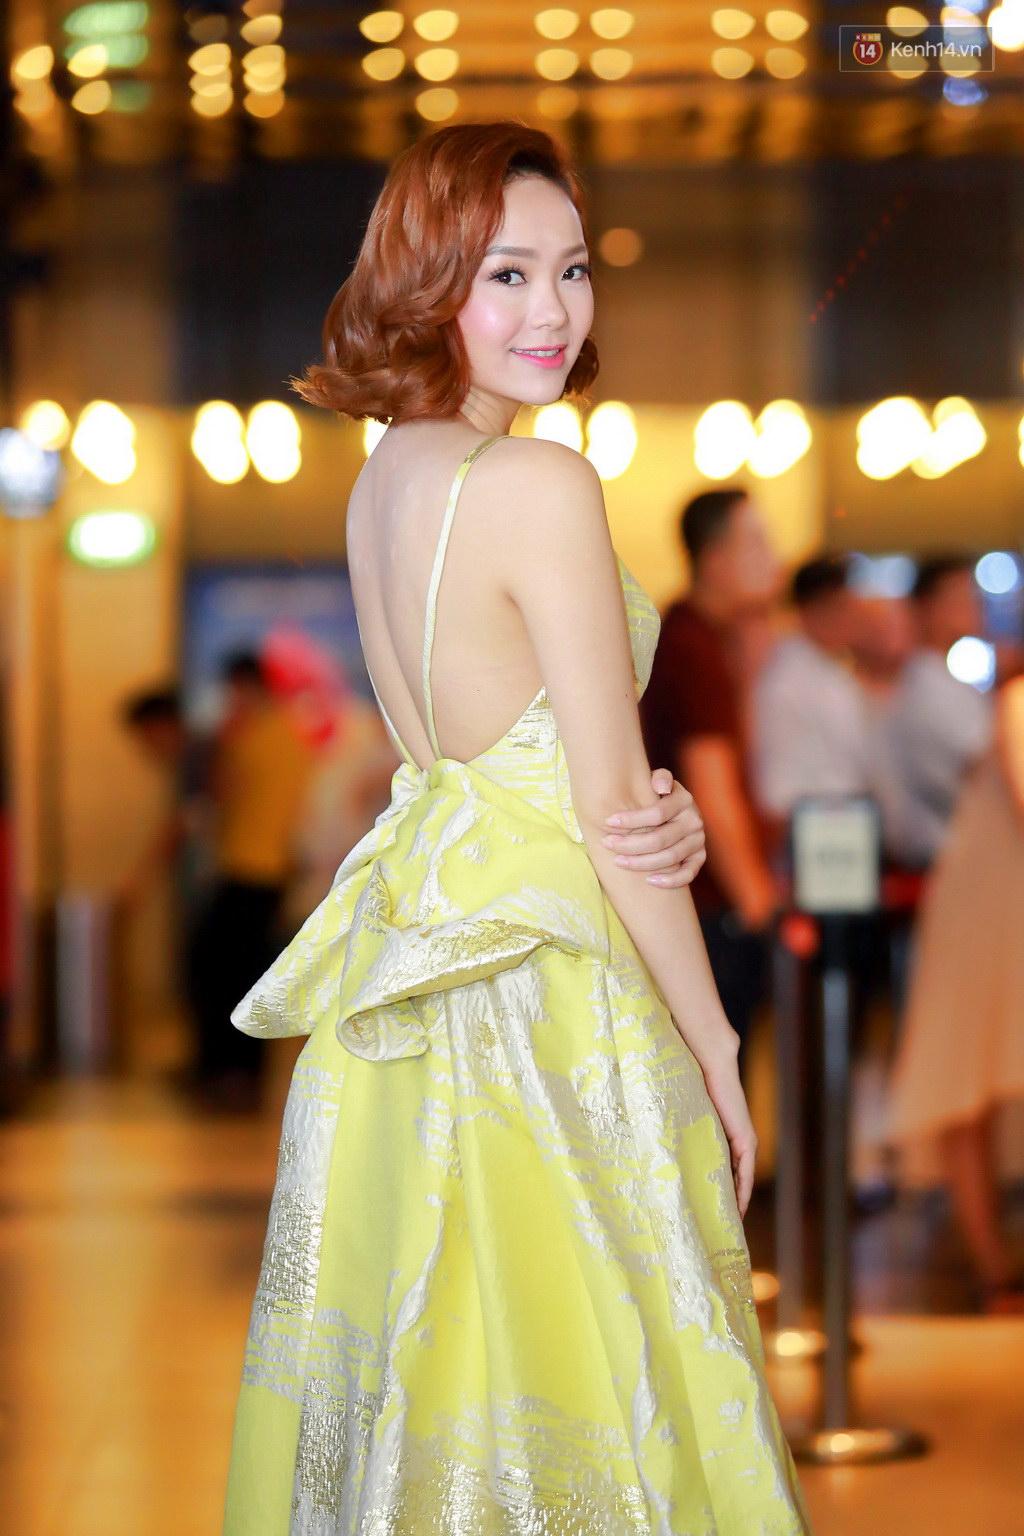 Fan Hà Nội vây quanh đôi tình nhân Minh Hằng - Quý Bình tại họp báo - Ảnh 2.